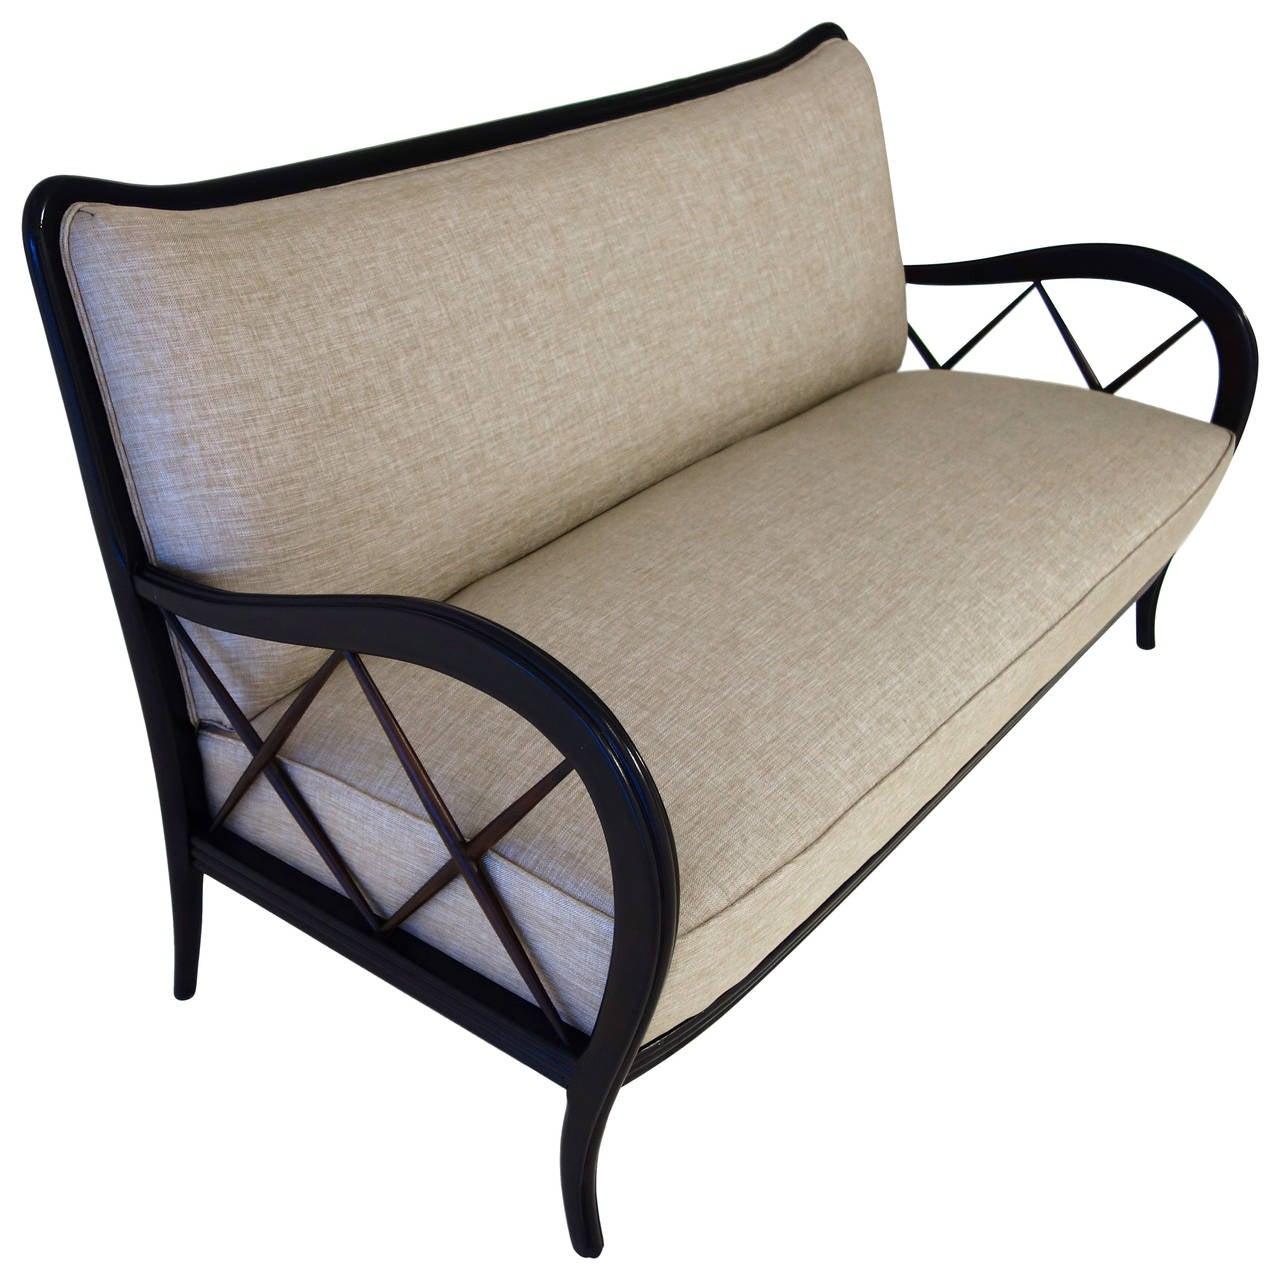 Italian Mid-Century Paolo Buffa Style Settee